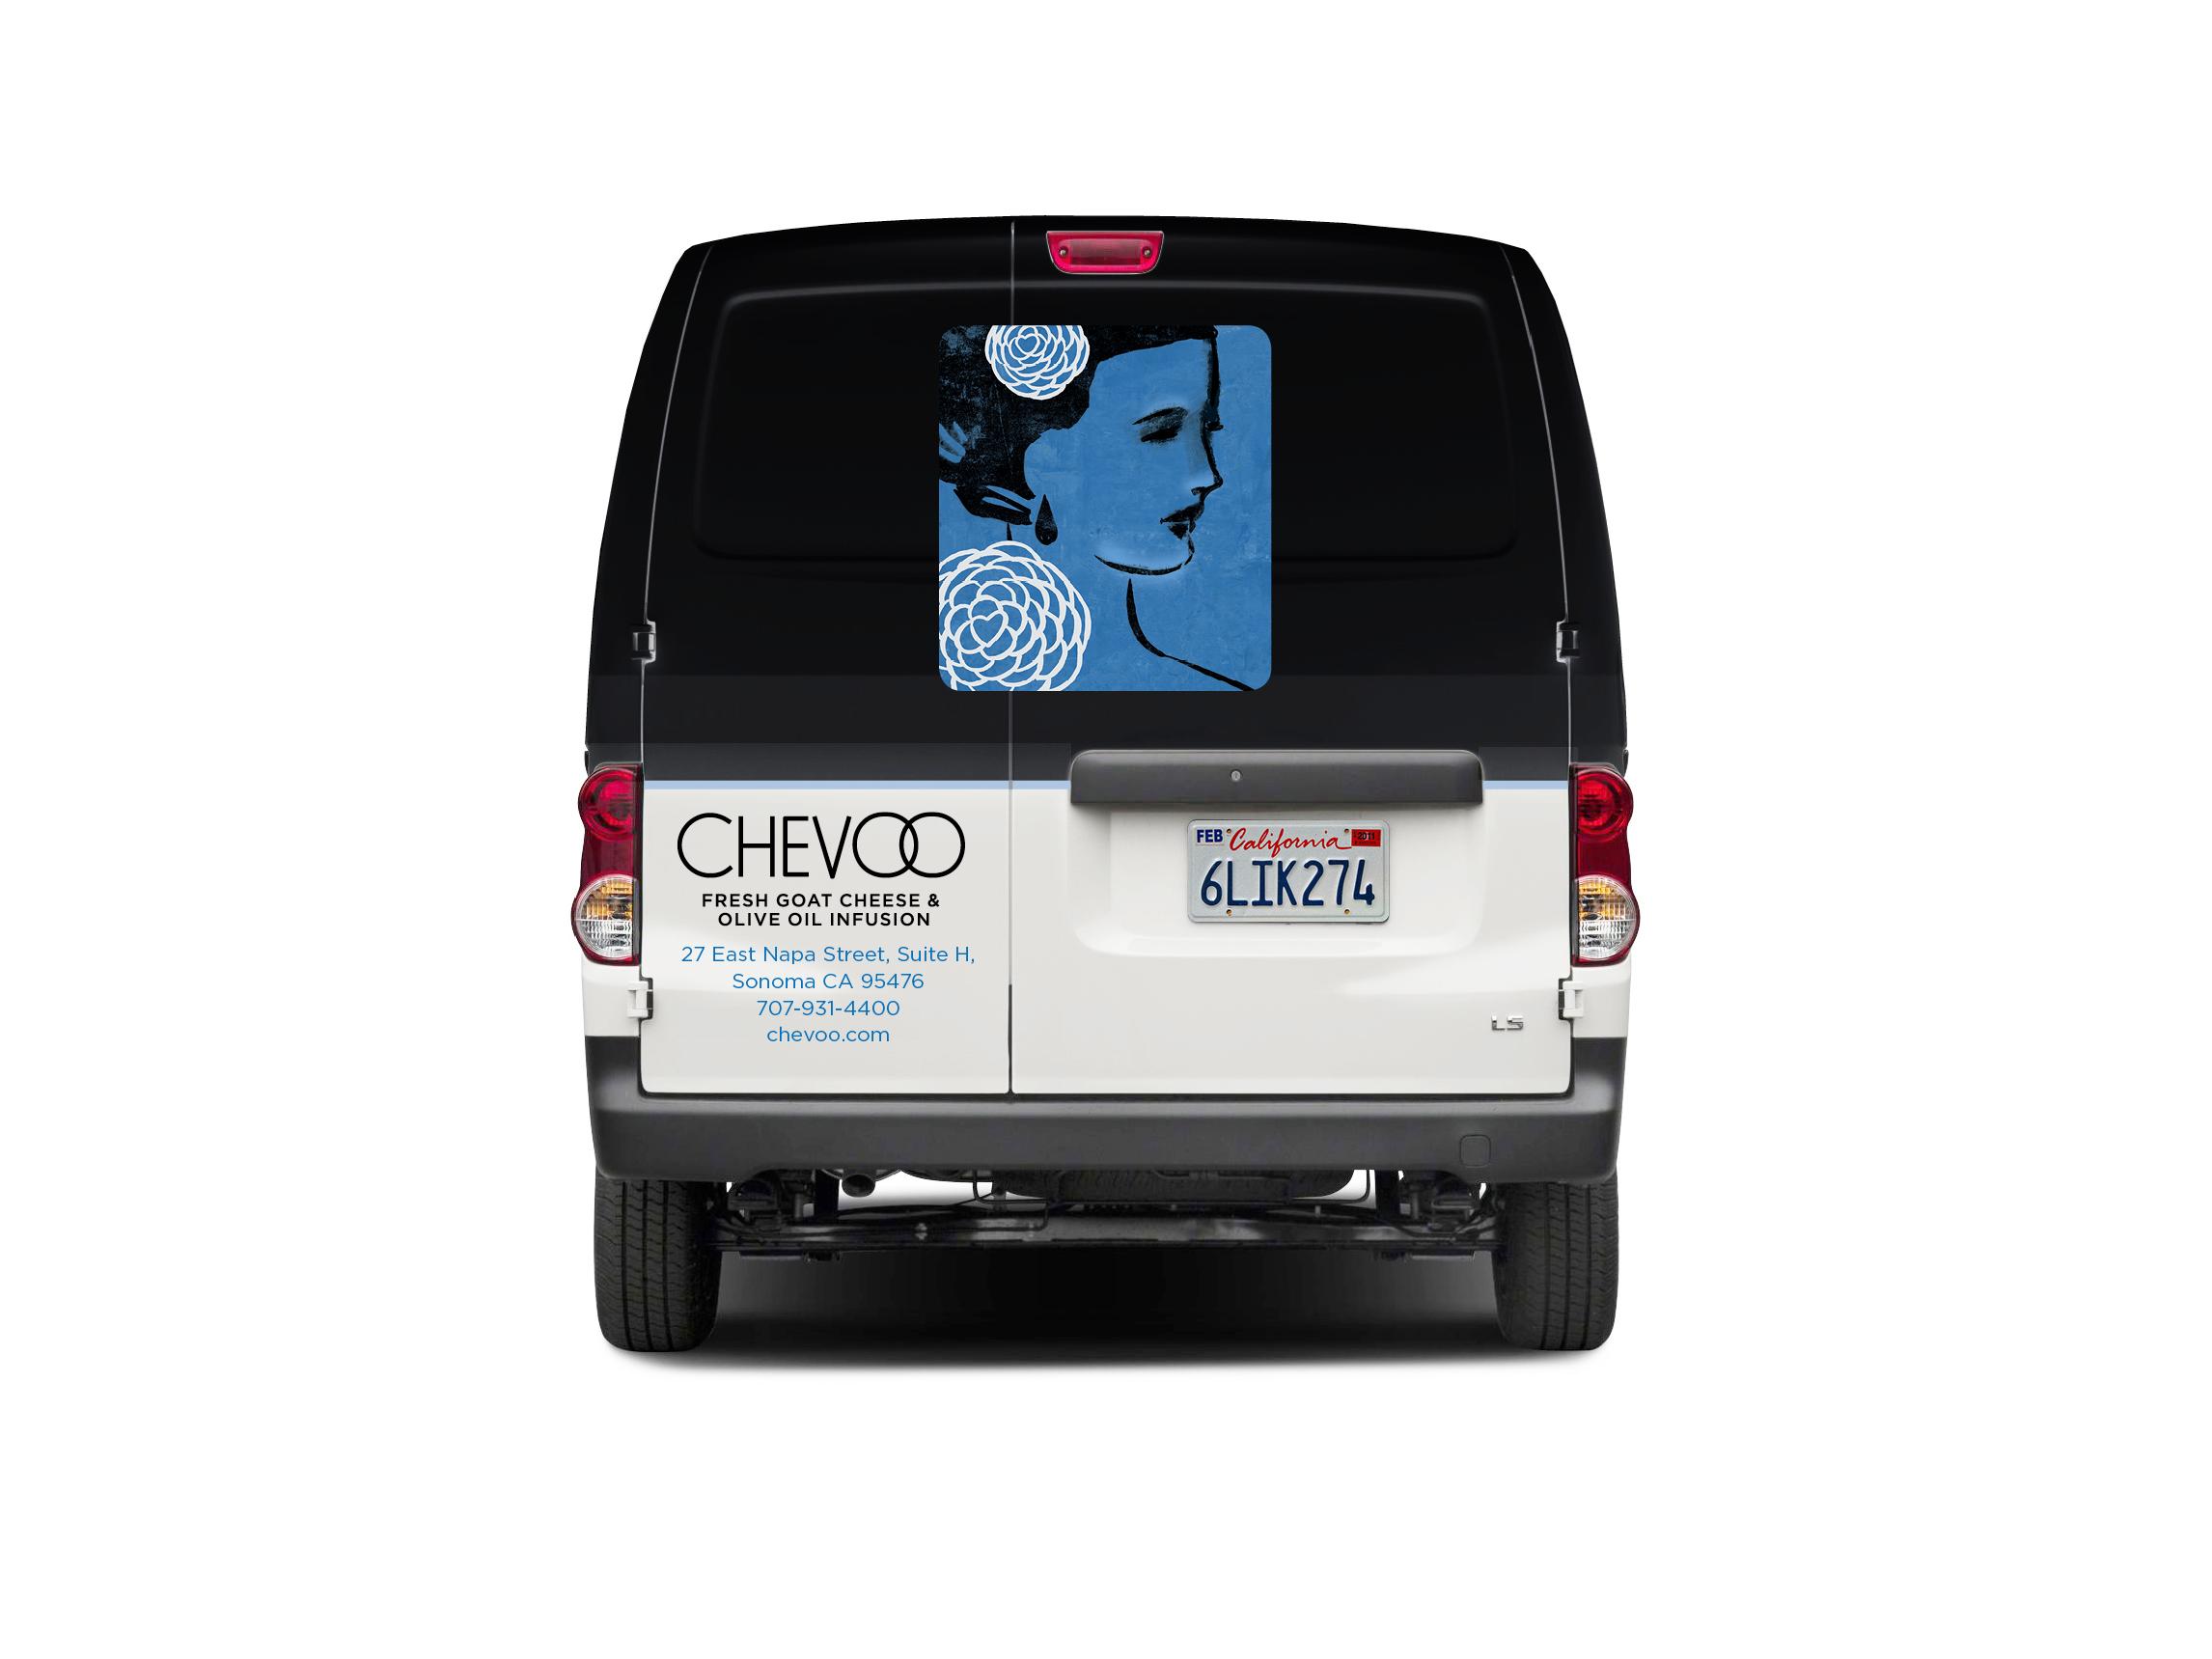 DMD_Truck_Chevoo 03_150.jpg